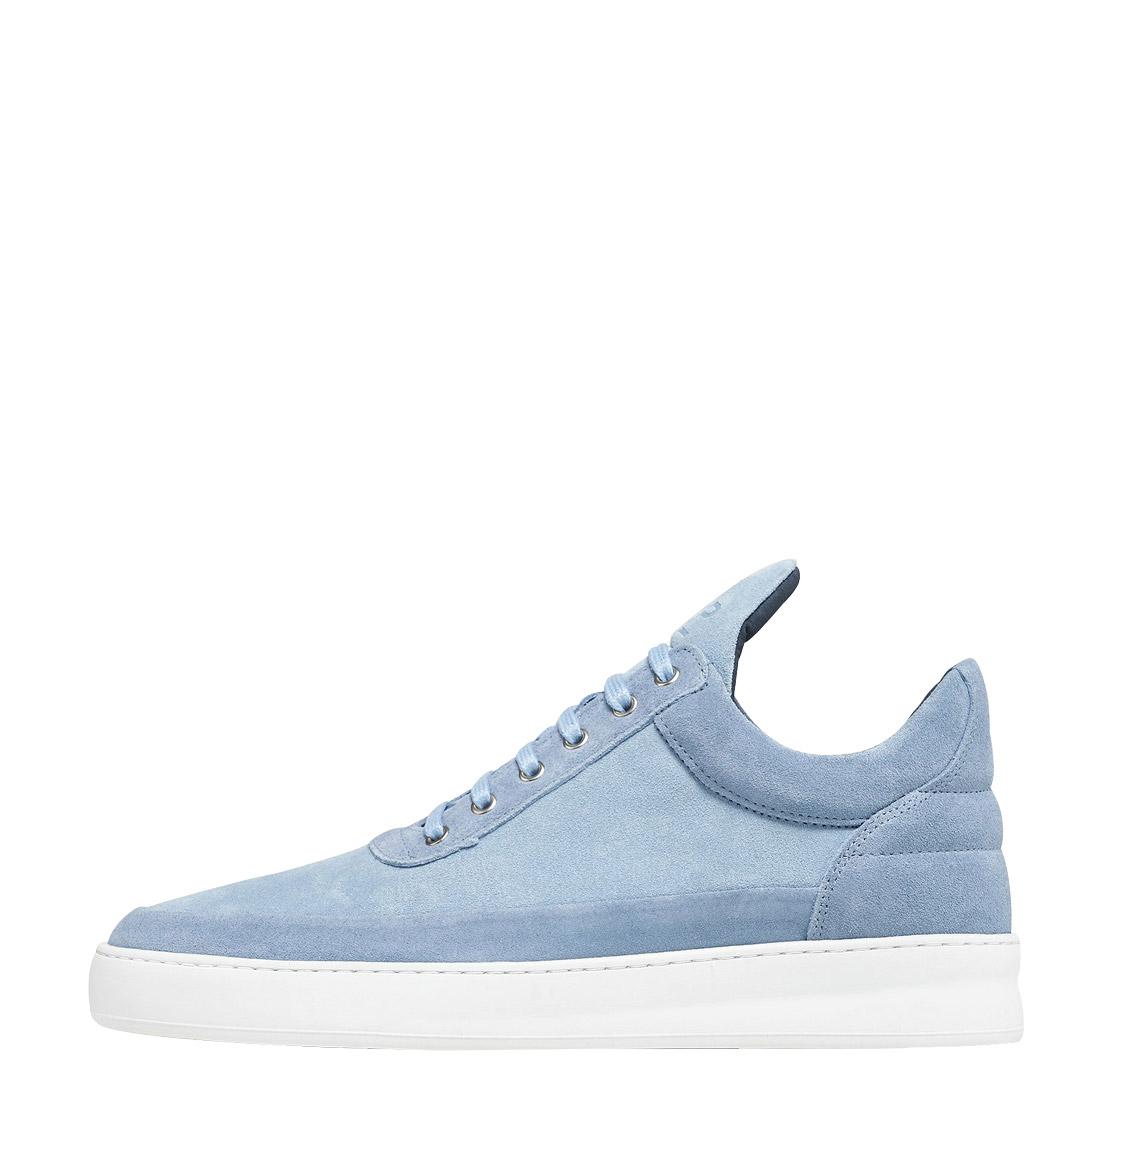 Filling_Pieces_Low_Top_Plain_Cape_Suede_Sky_Blue_The_Project_Garments_A